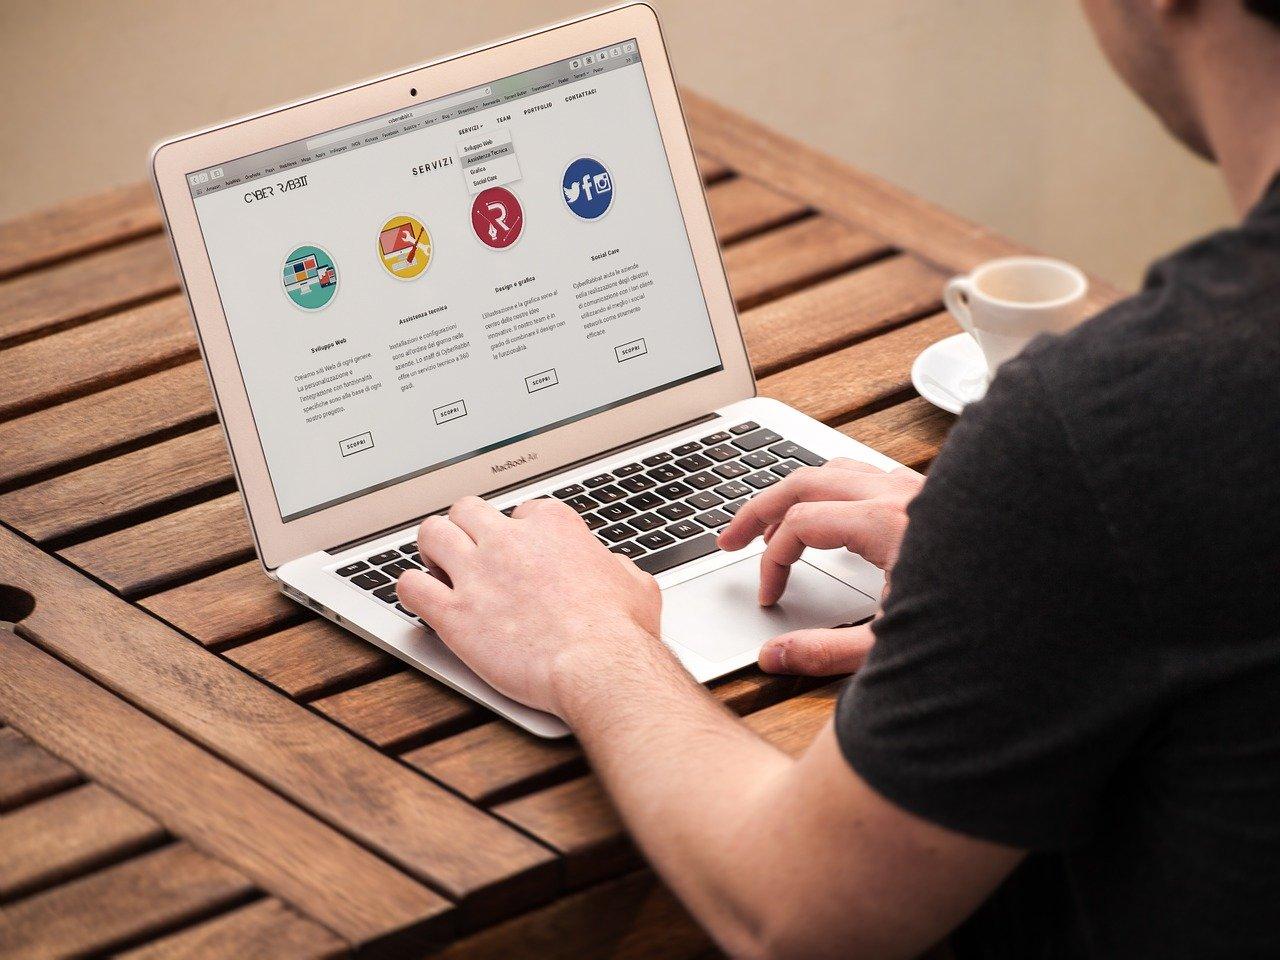 איך תשפרו את מהירות האתר שלכם